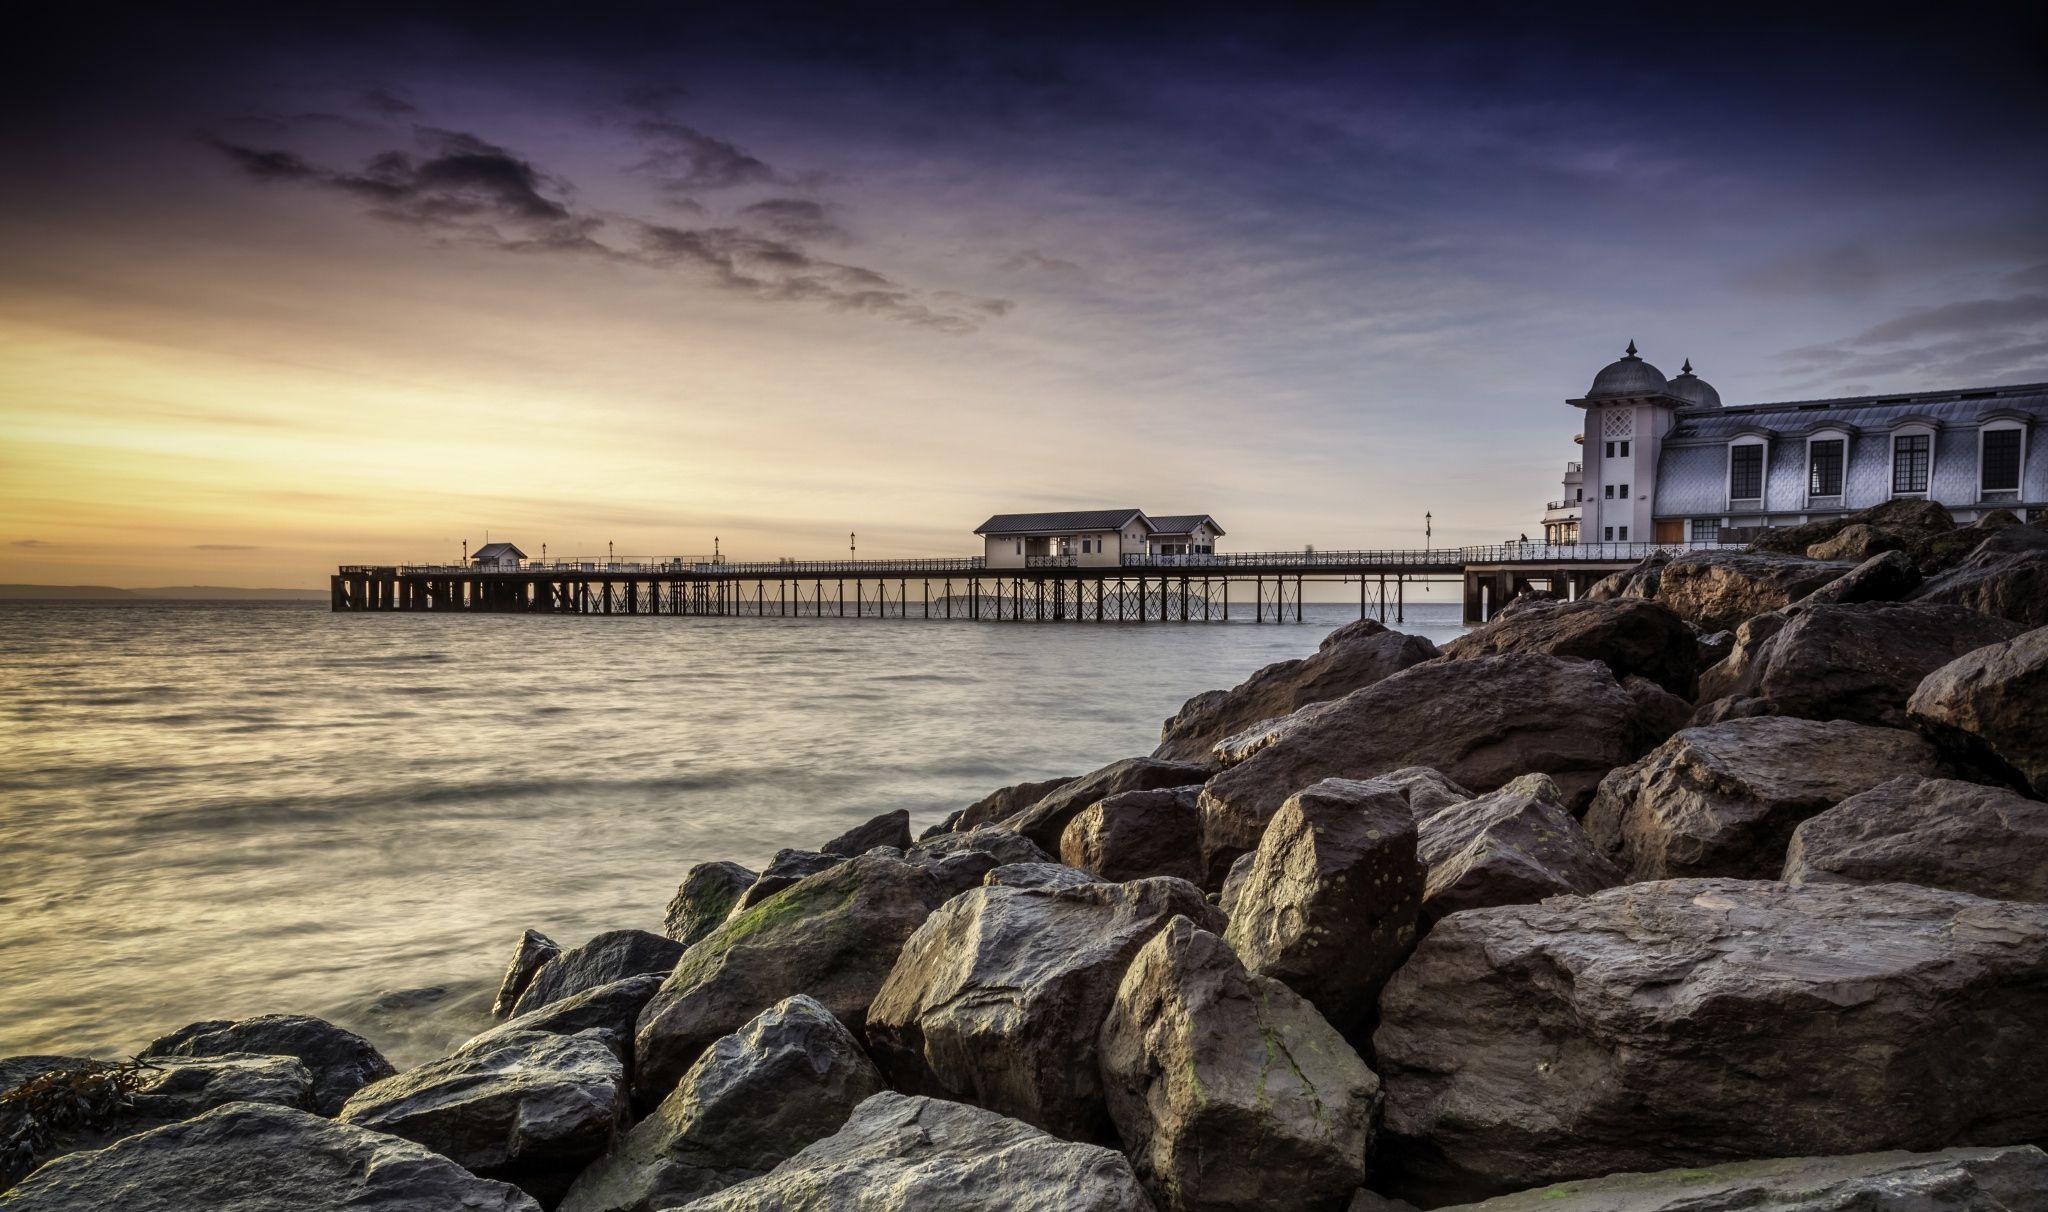 Photograph Penarth Pier by Steve Deakin on 500px